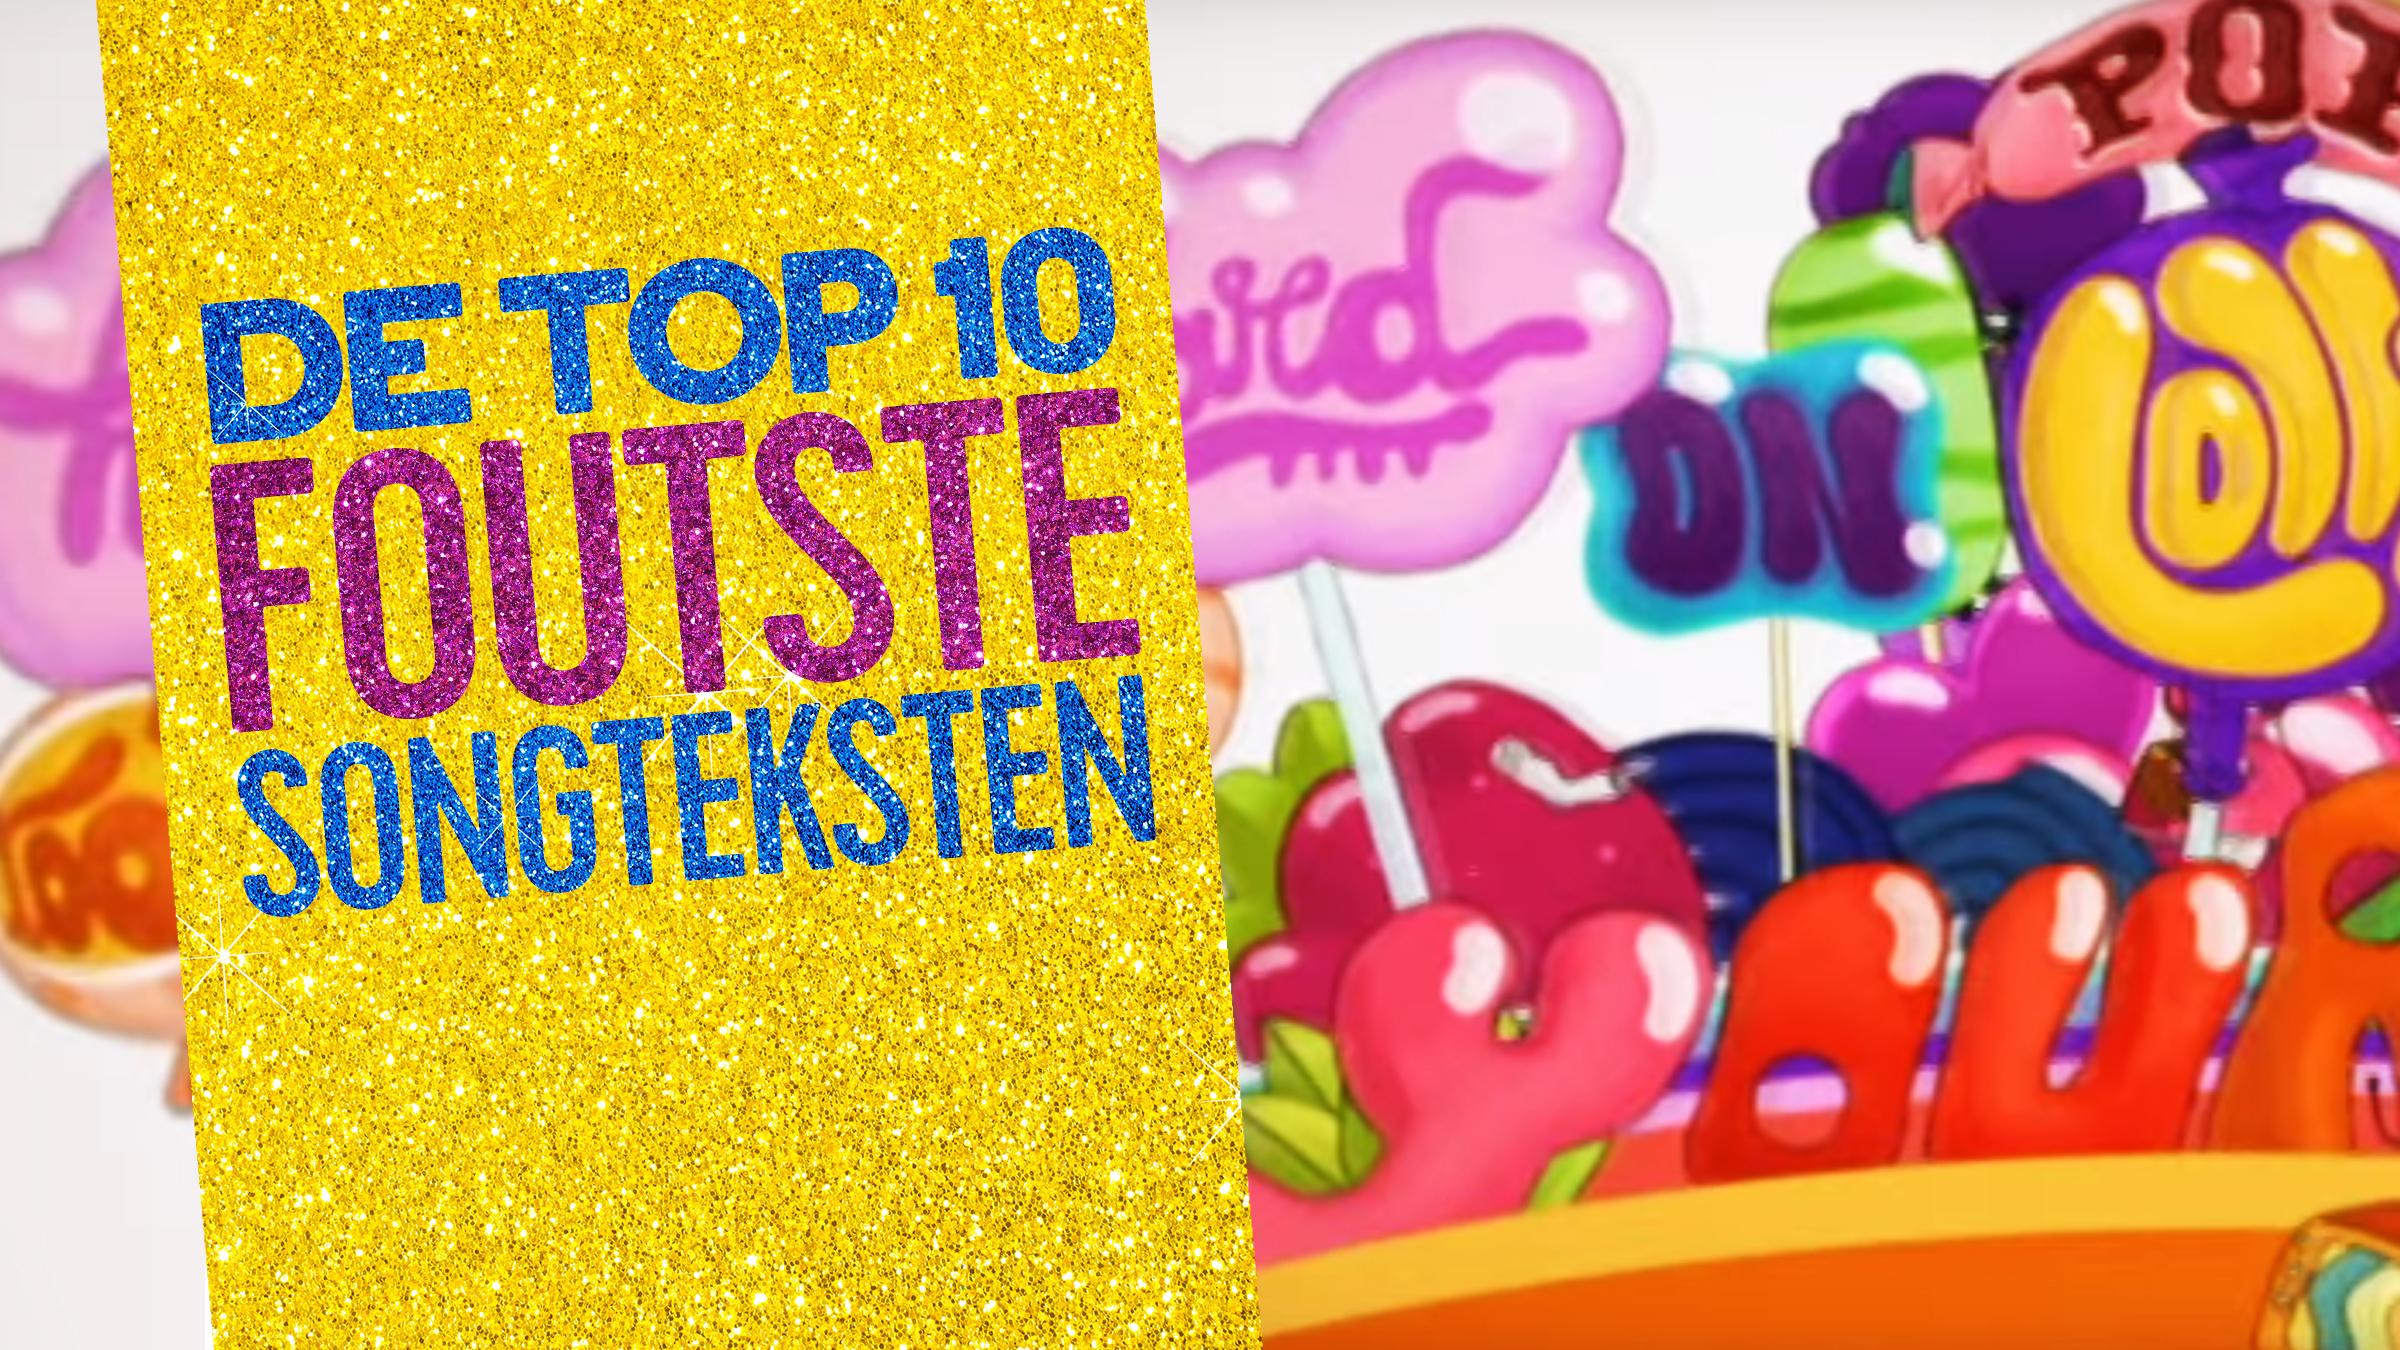 Qmusic top10foutsongteksten teaser